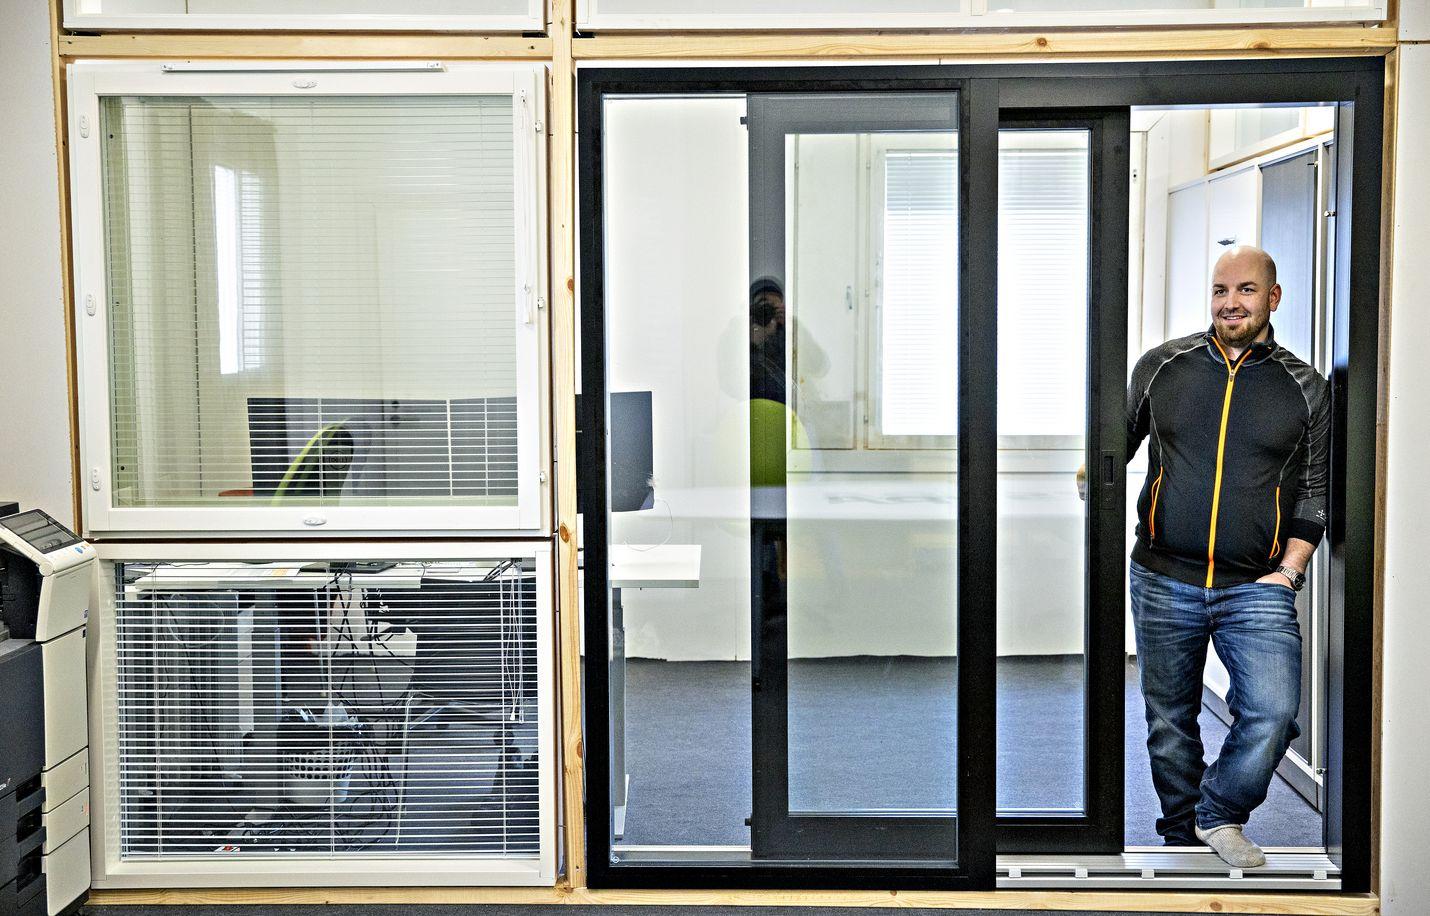 Isot ikkunat ja lasiovet ovat nyt suosittuja. Mustia kehyksiä ostetaan paljon, mutta valkoisilla on aina kannattajansa. Ikkunoita esittelee Fenestran myyntipäällikkö Tomi Weckman.